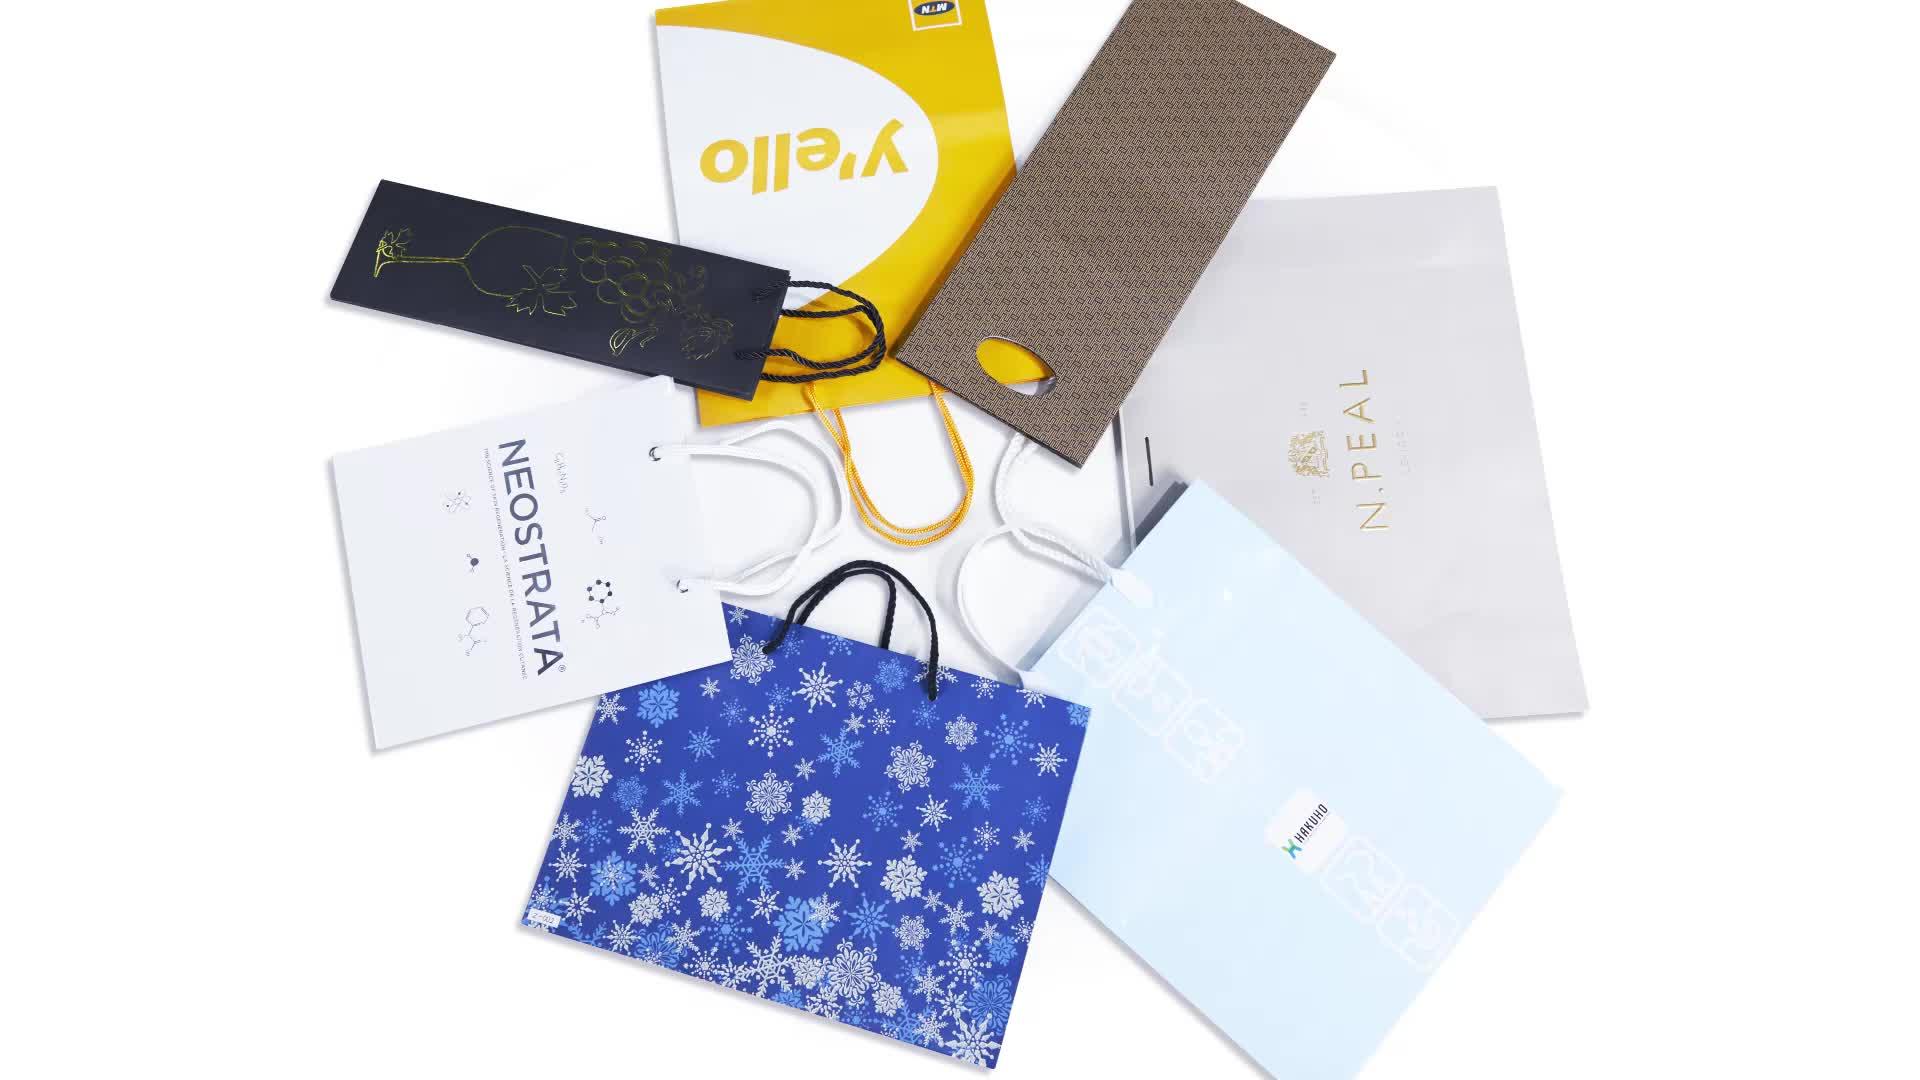 Твист Ручка Складная индивидуальные подарок матовый черный крафт бумага сумка для покупок с логотипами